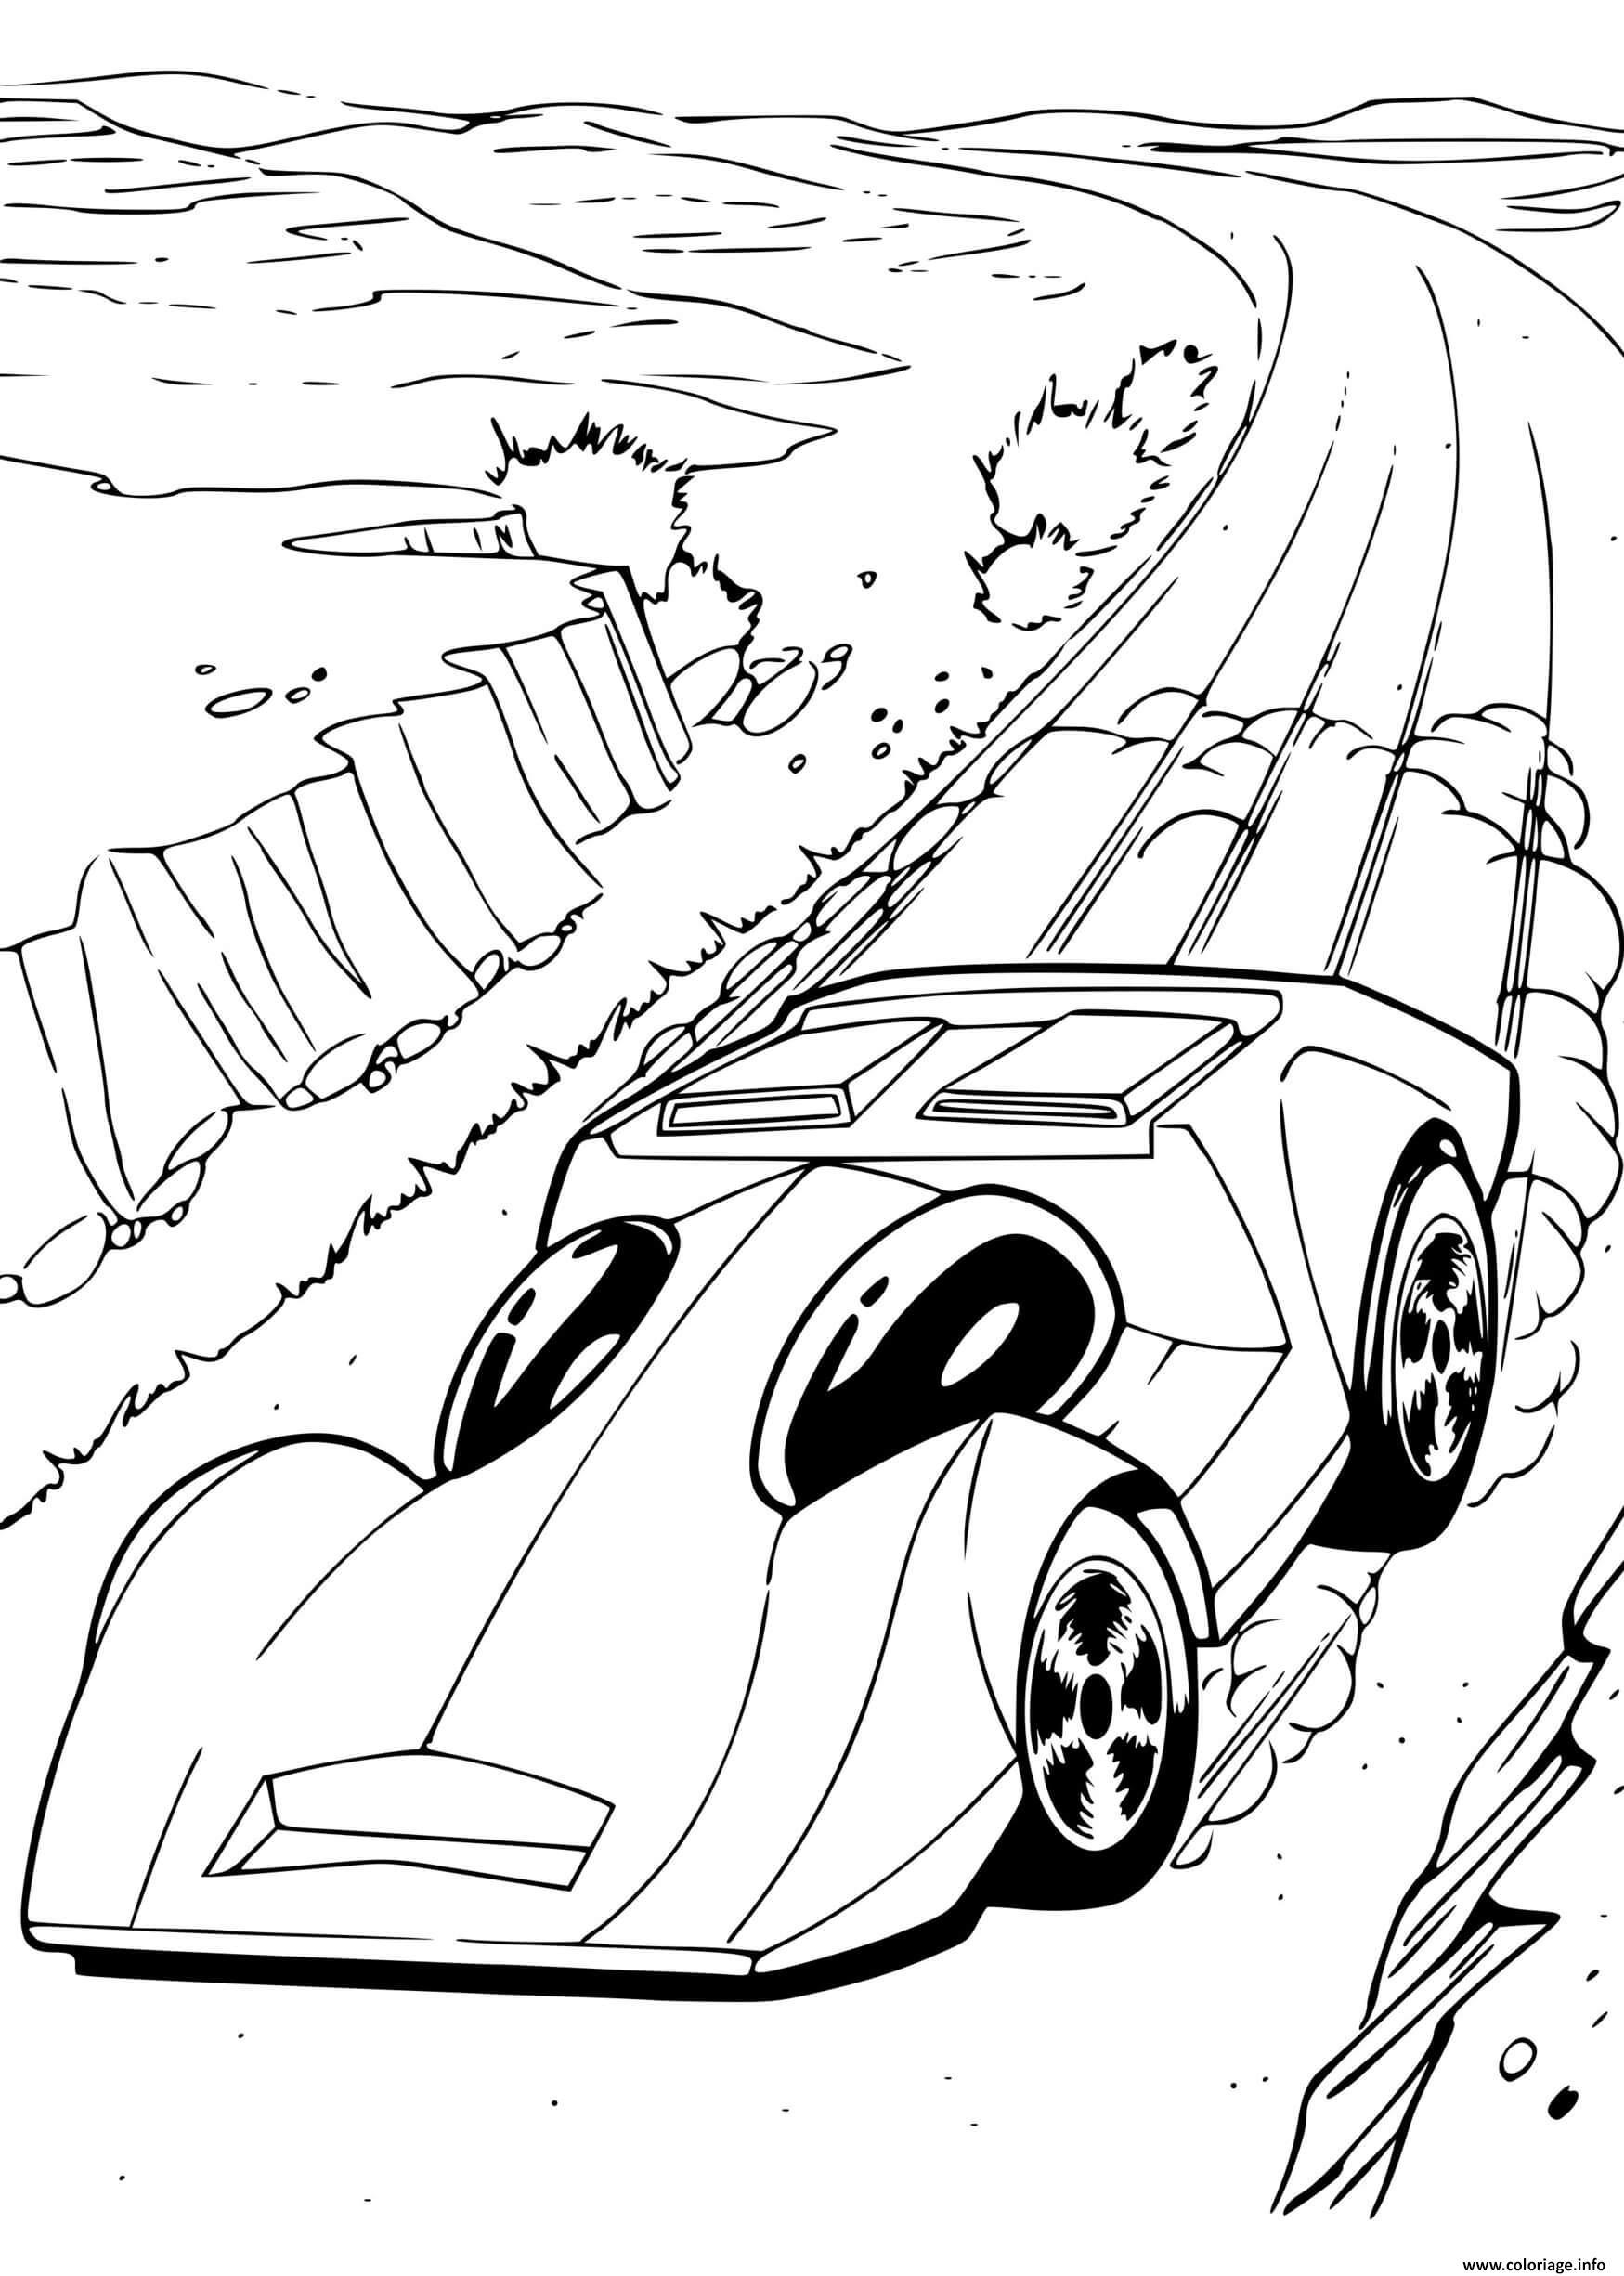 Dessin Hot Wheels Automobile voitures Coloriage Gratuit à Imprimer